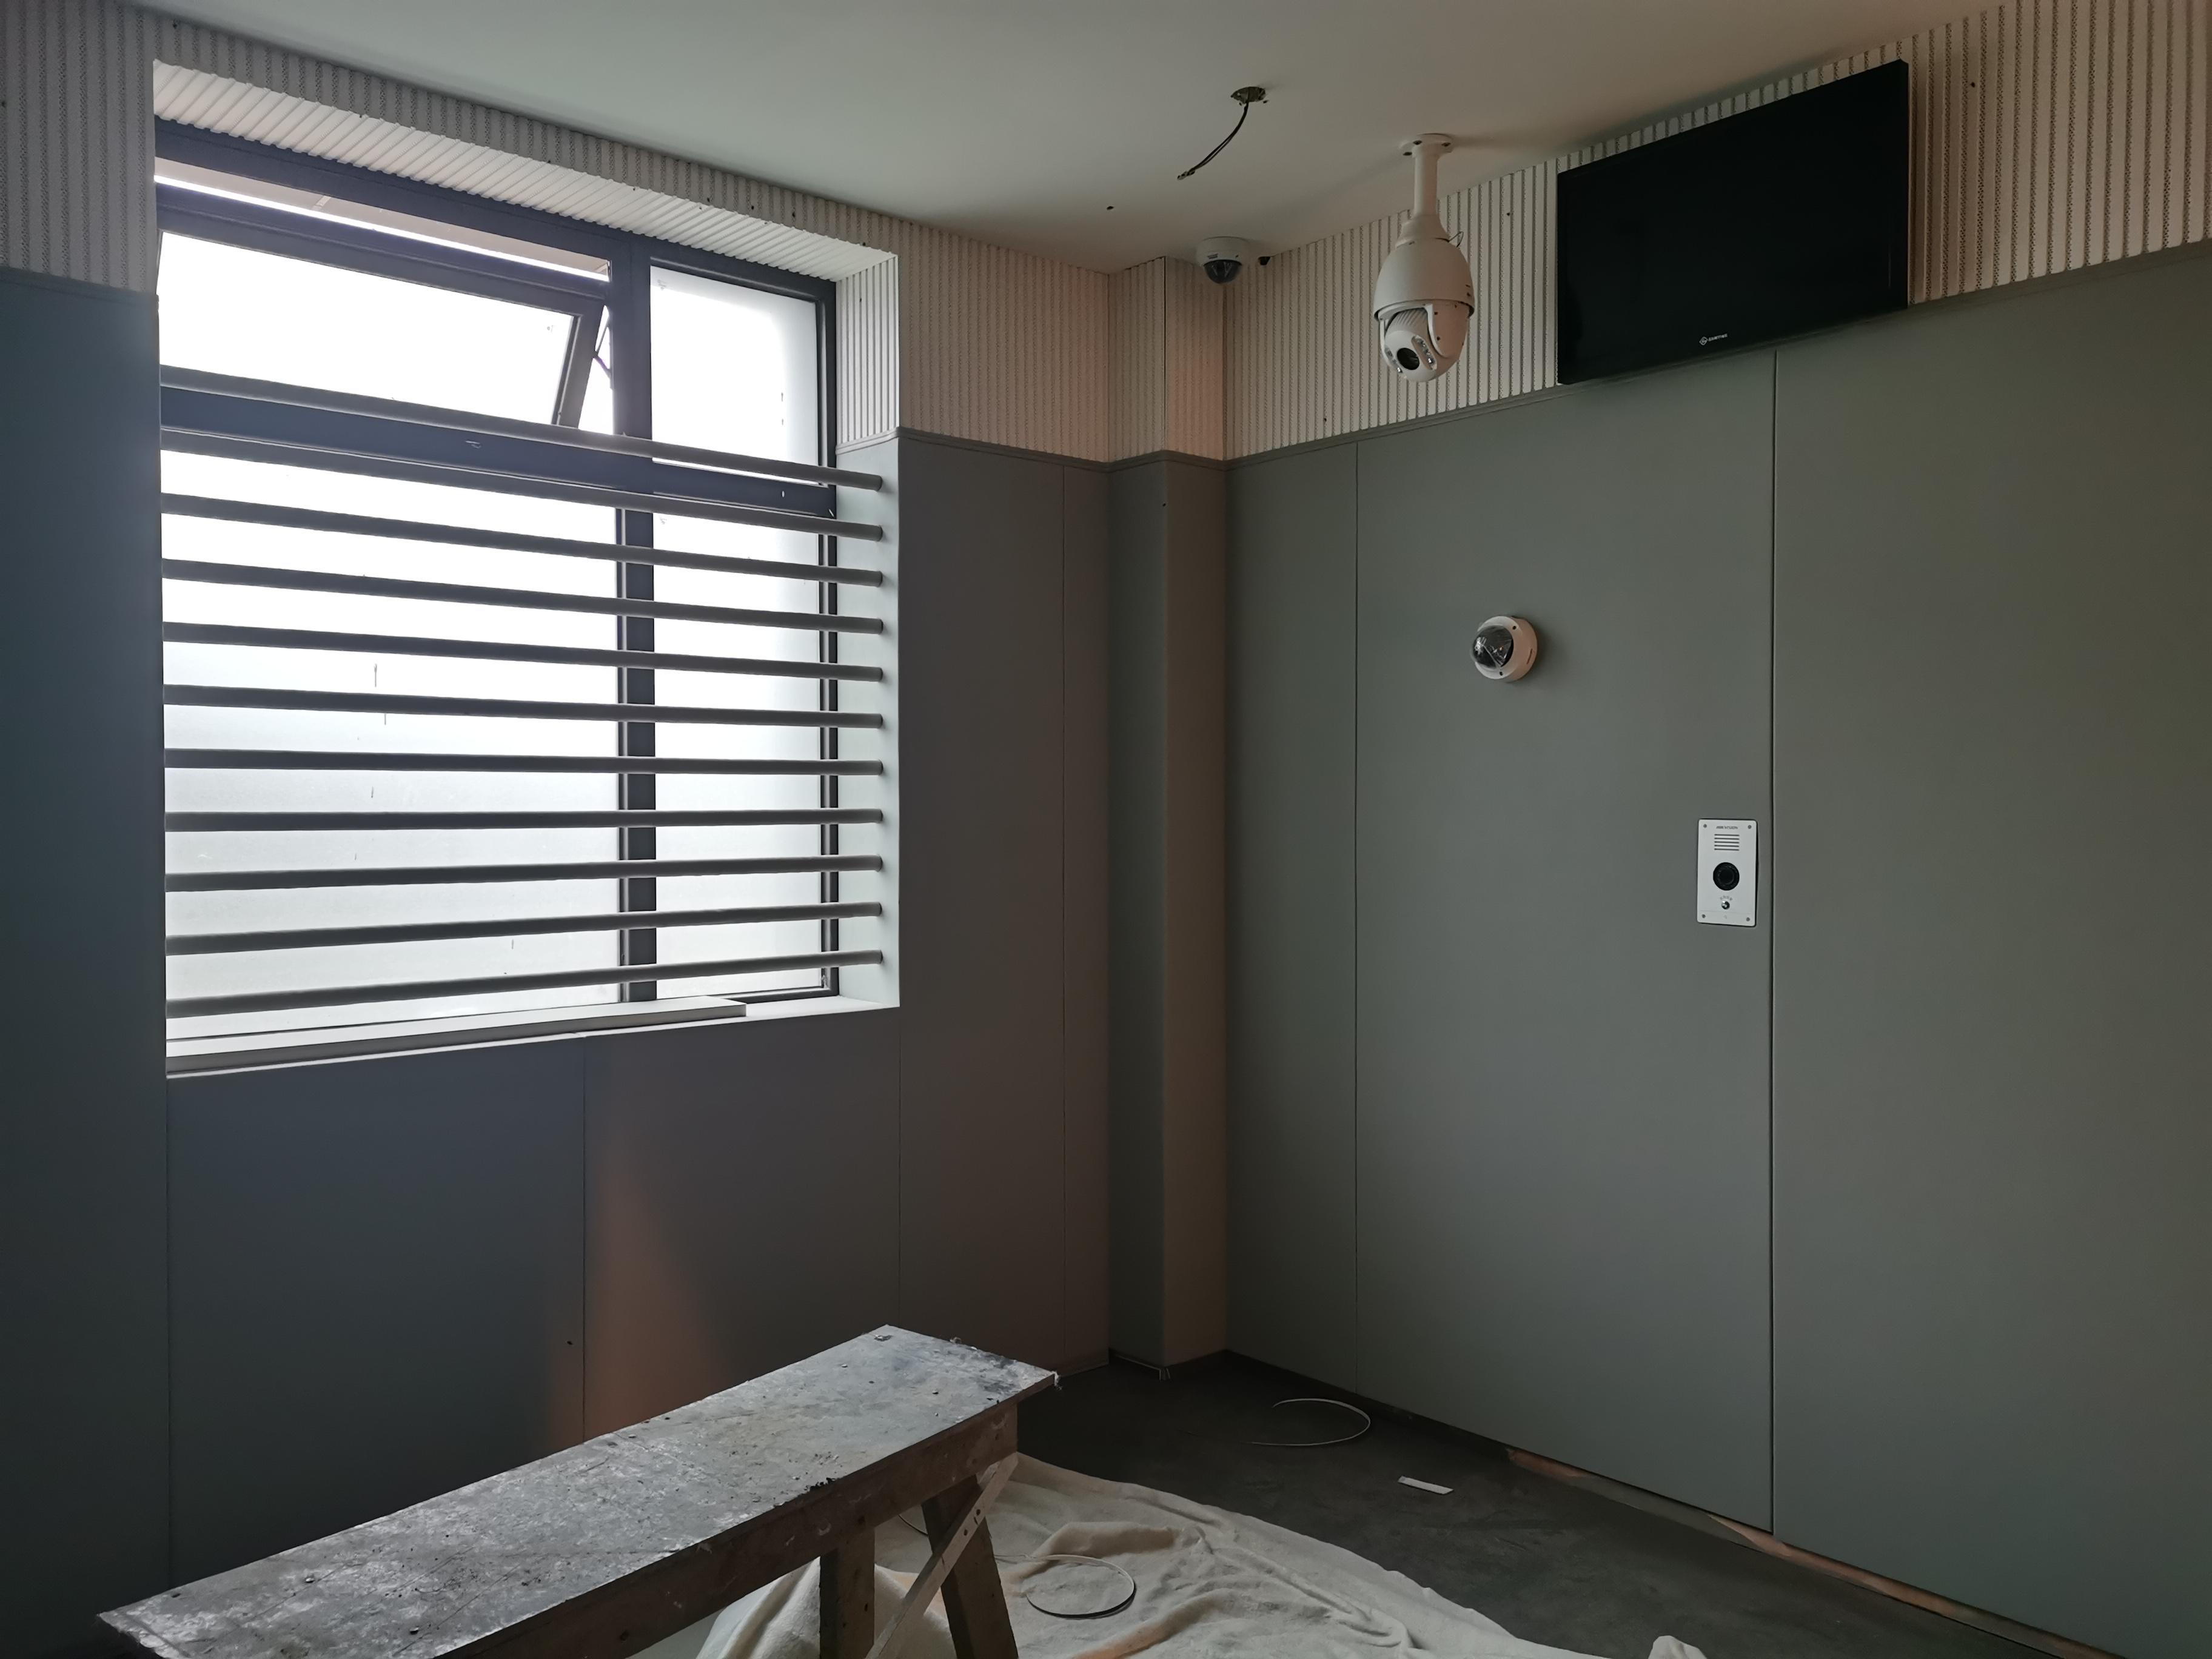 安徽询问室防撞软包 B1级防撞墙定做 留置室墙面软包